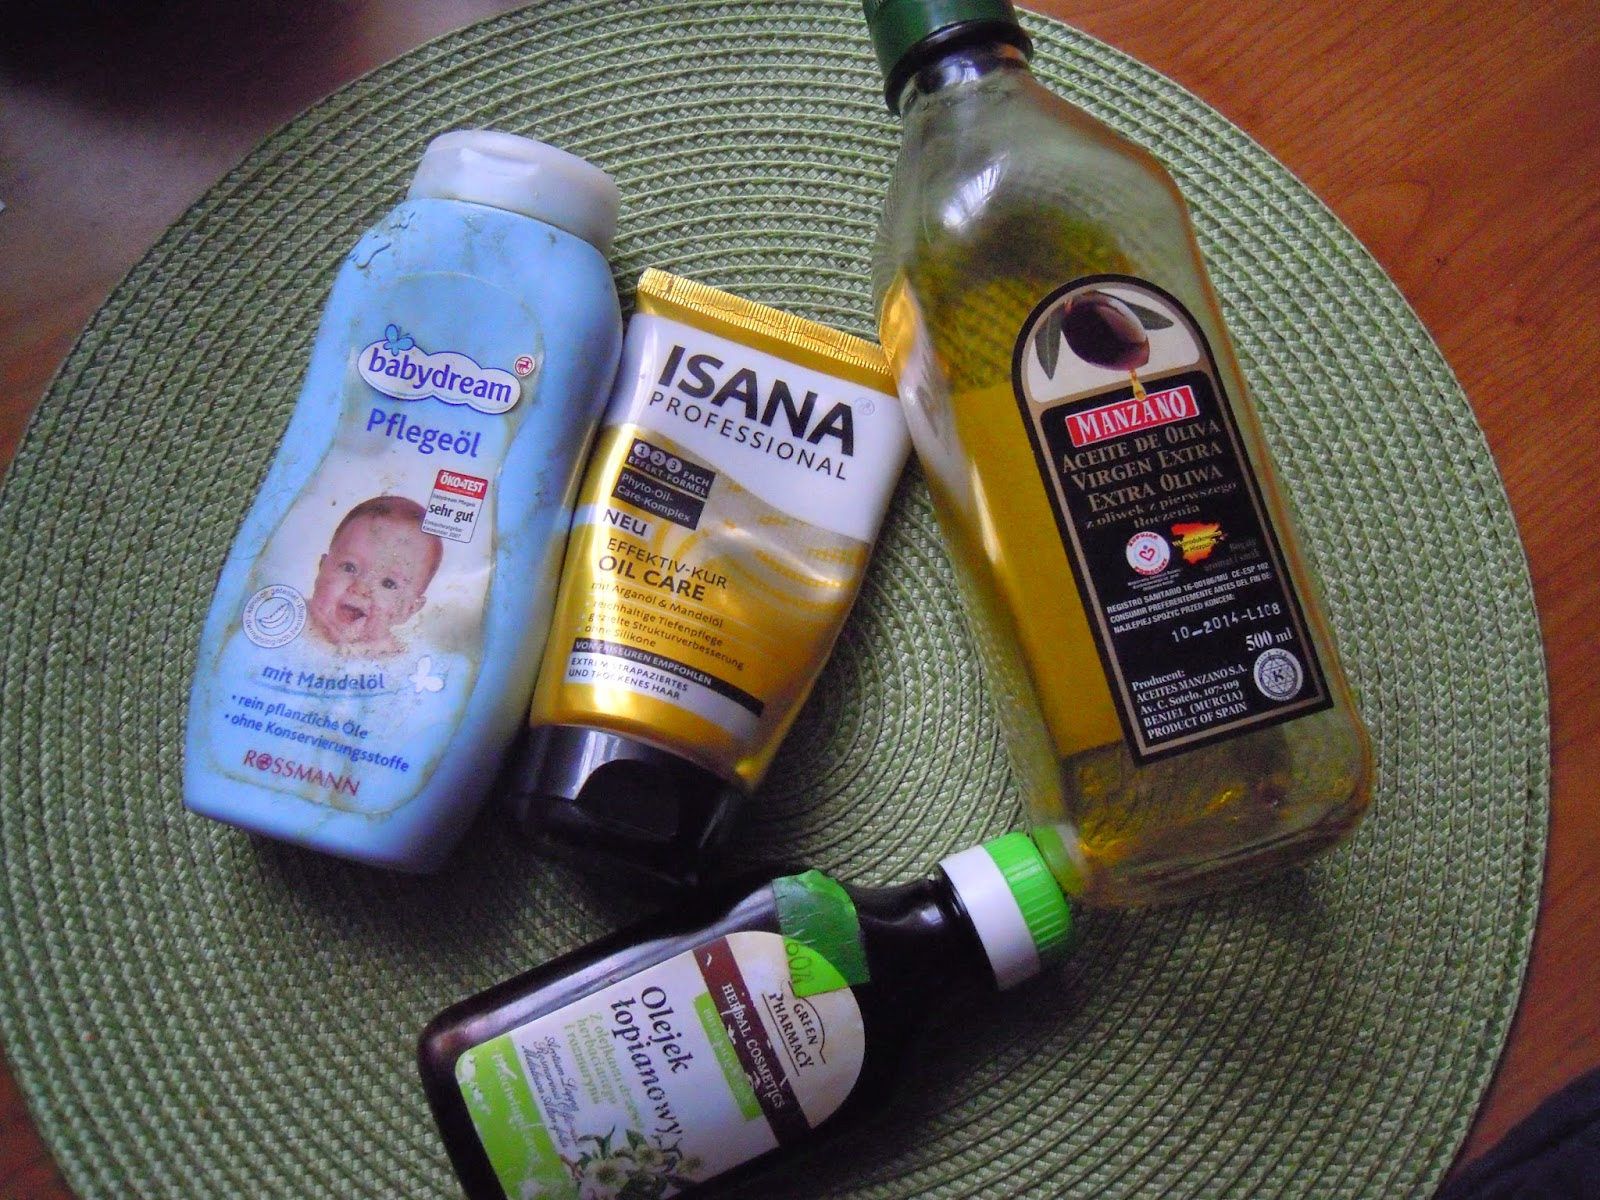 Akcja dla włosomaniaczek ! Dbajmy o włosy poprzez cykliczne olejowanie